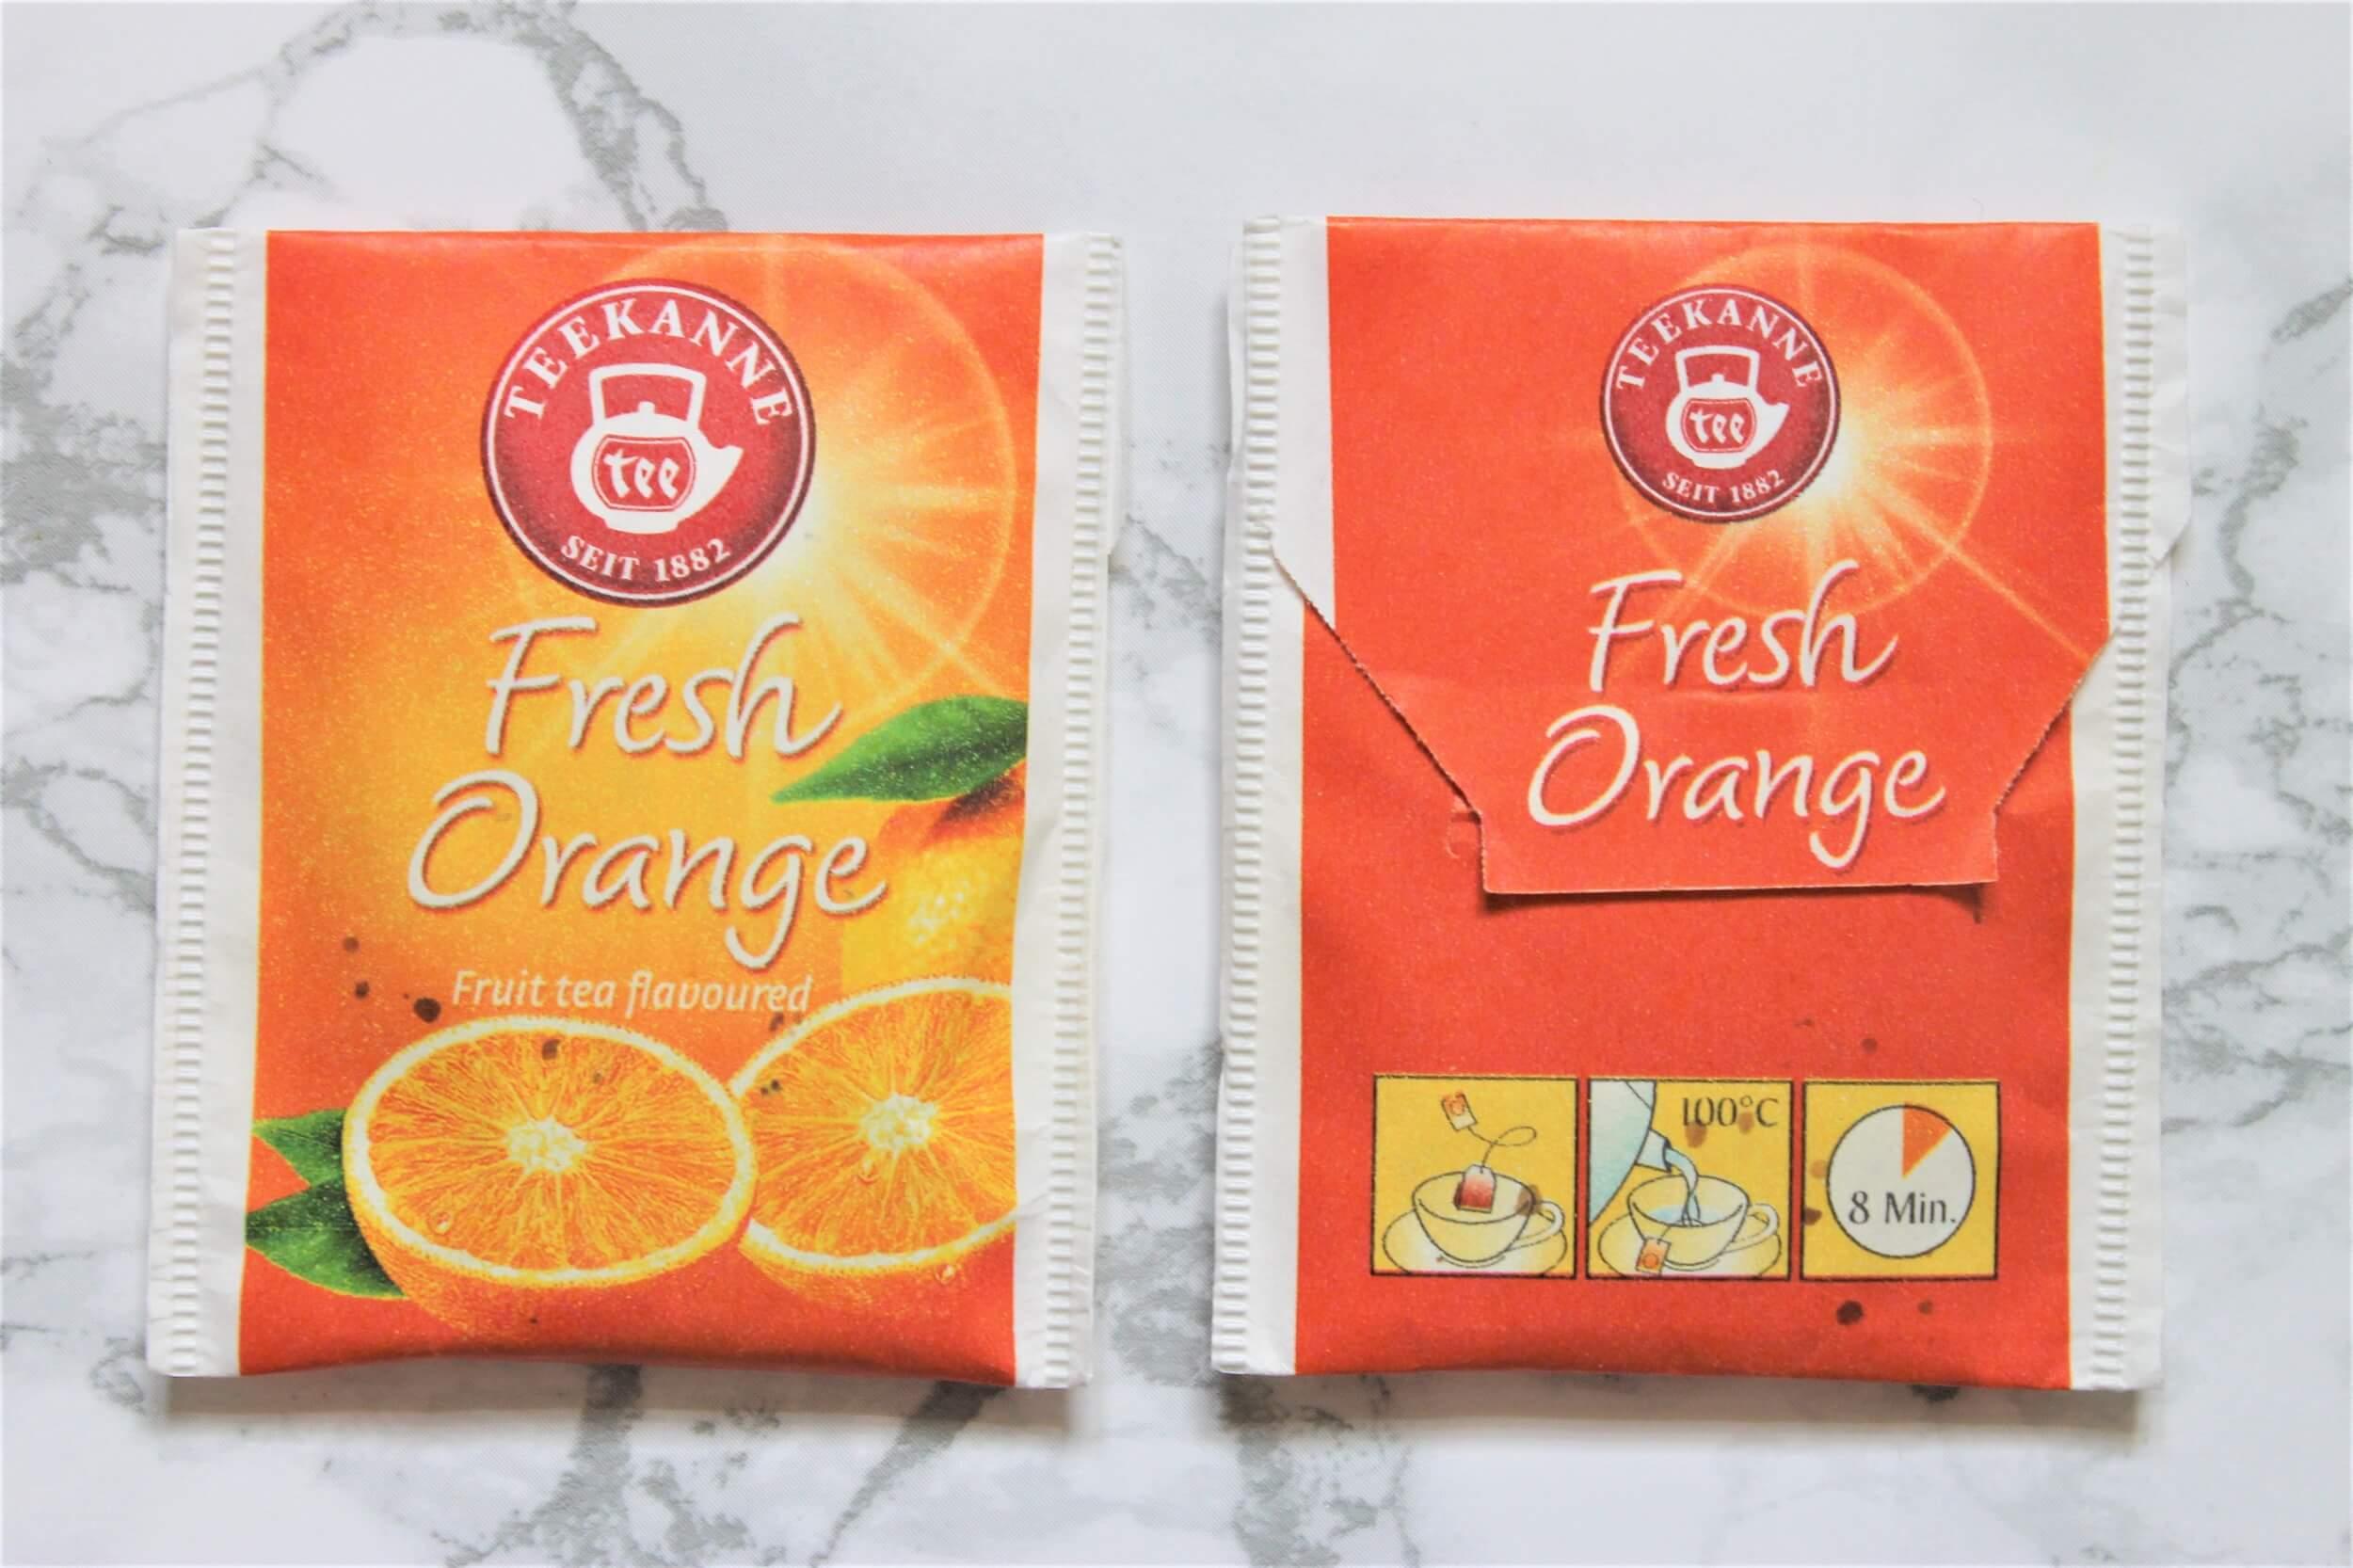 teekanne fresh orange tea bags